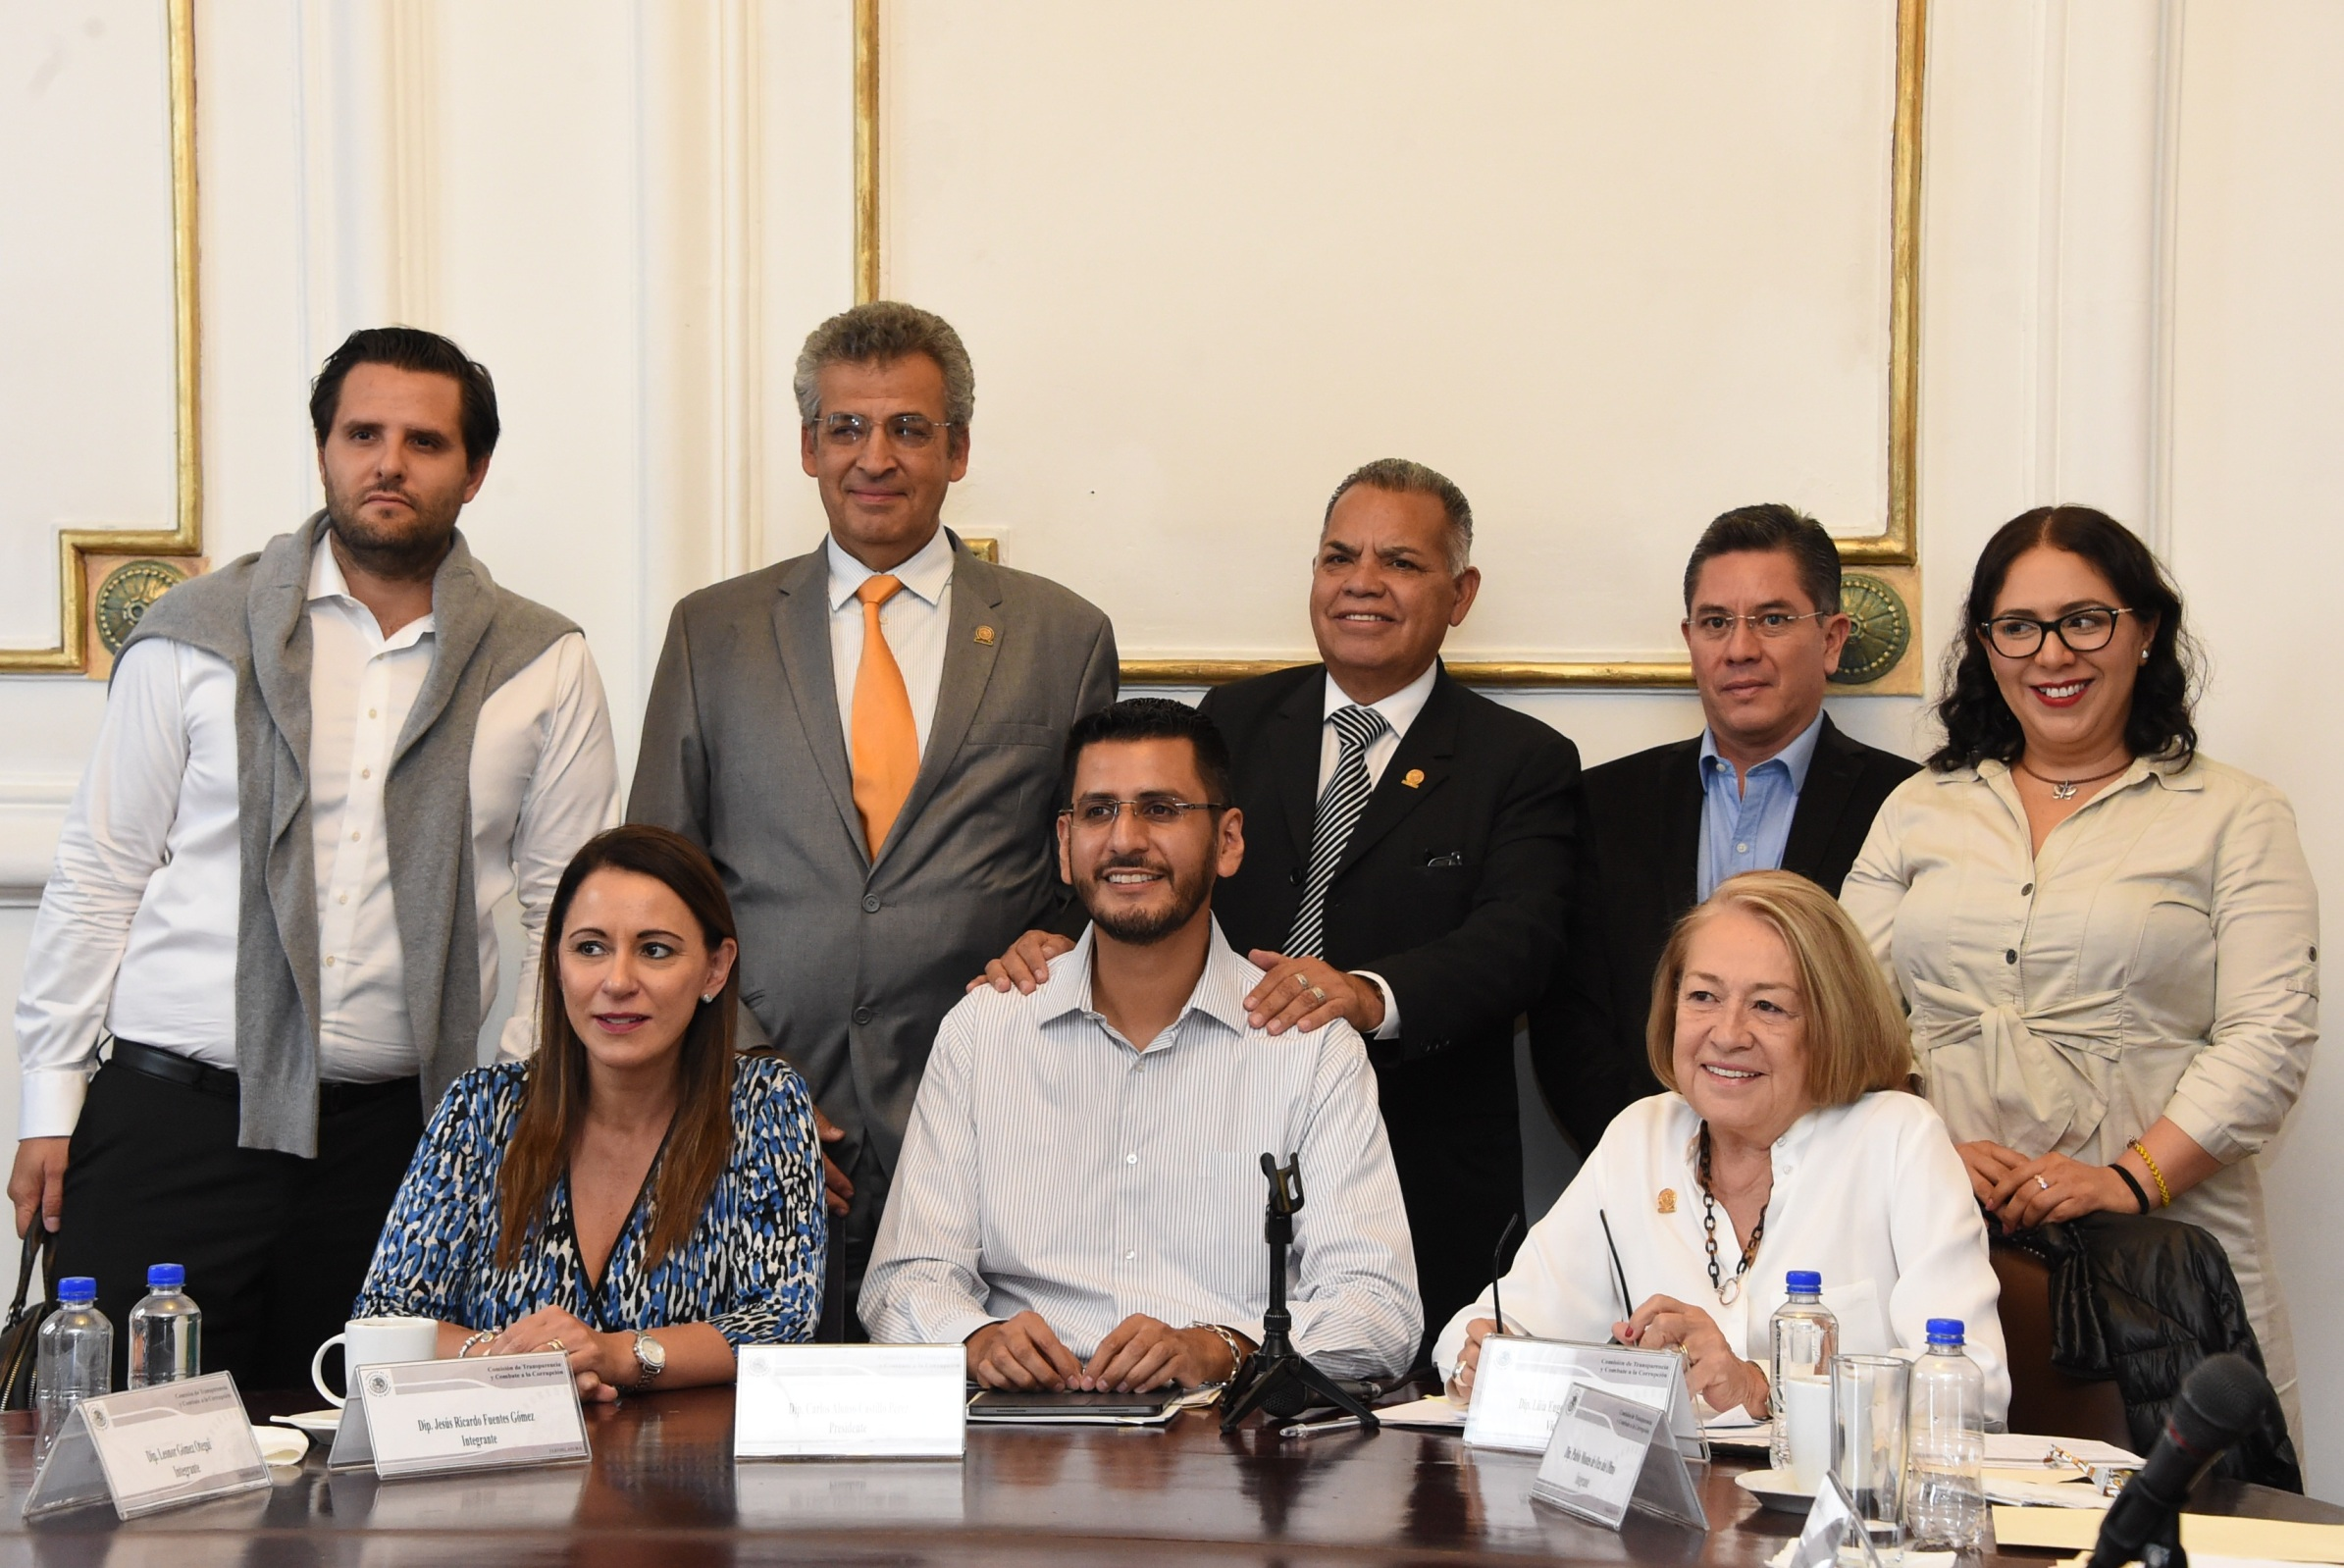 Avanza el Congreso de la CDMX en nombramientos para concretar el Sistema Local Anticorrupción